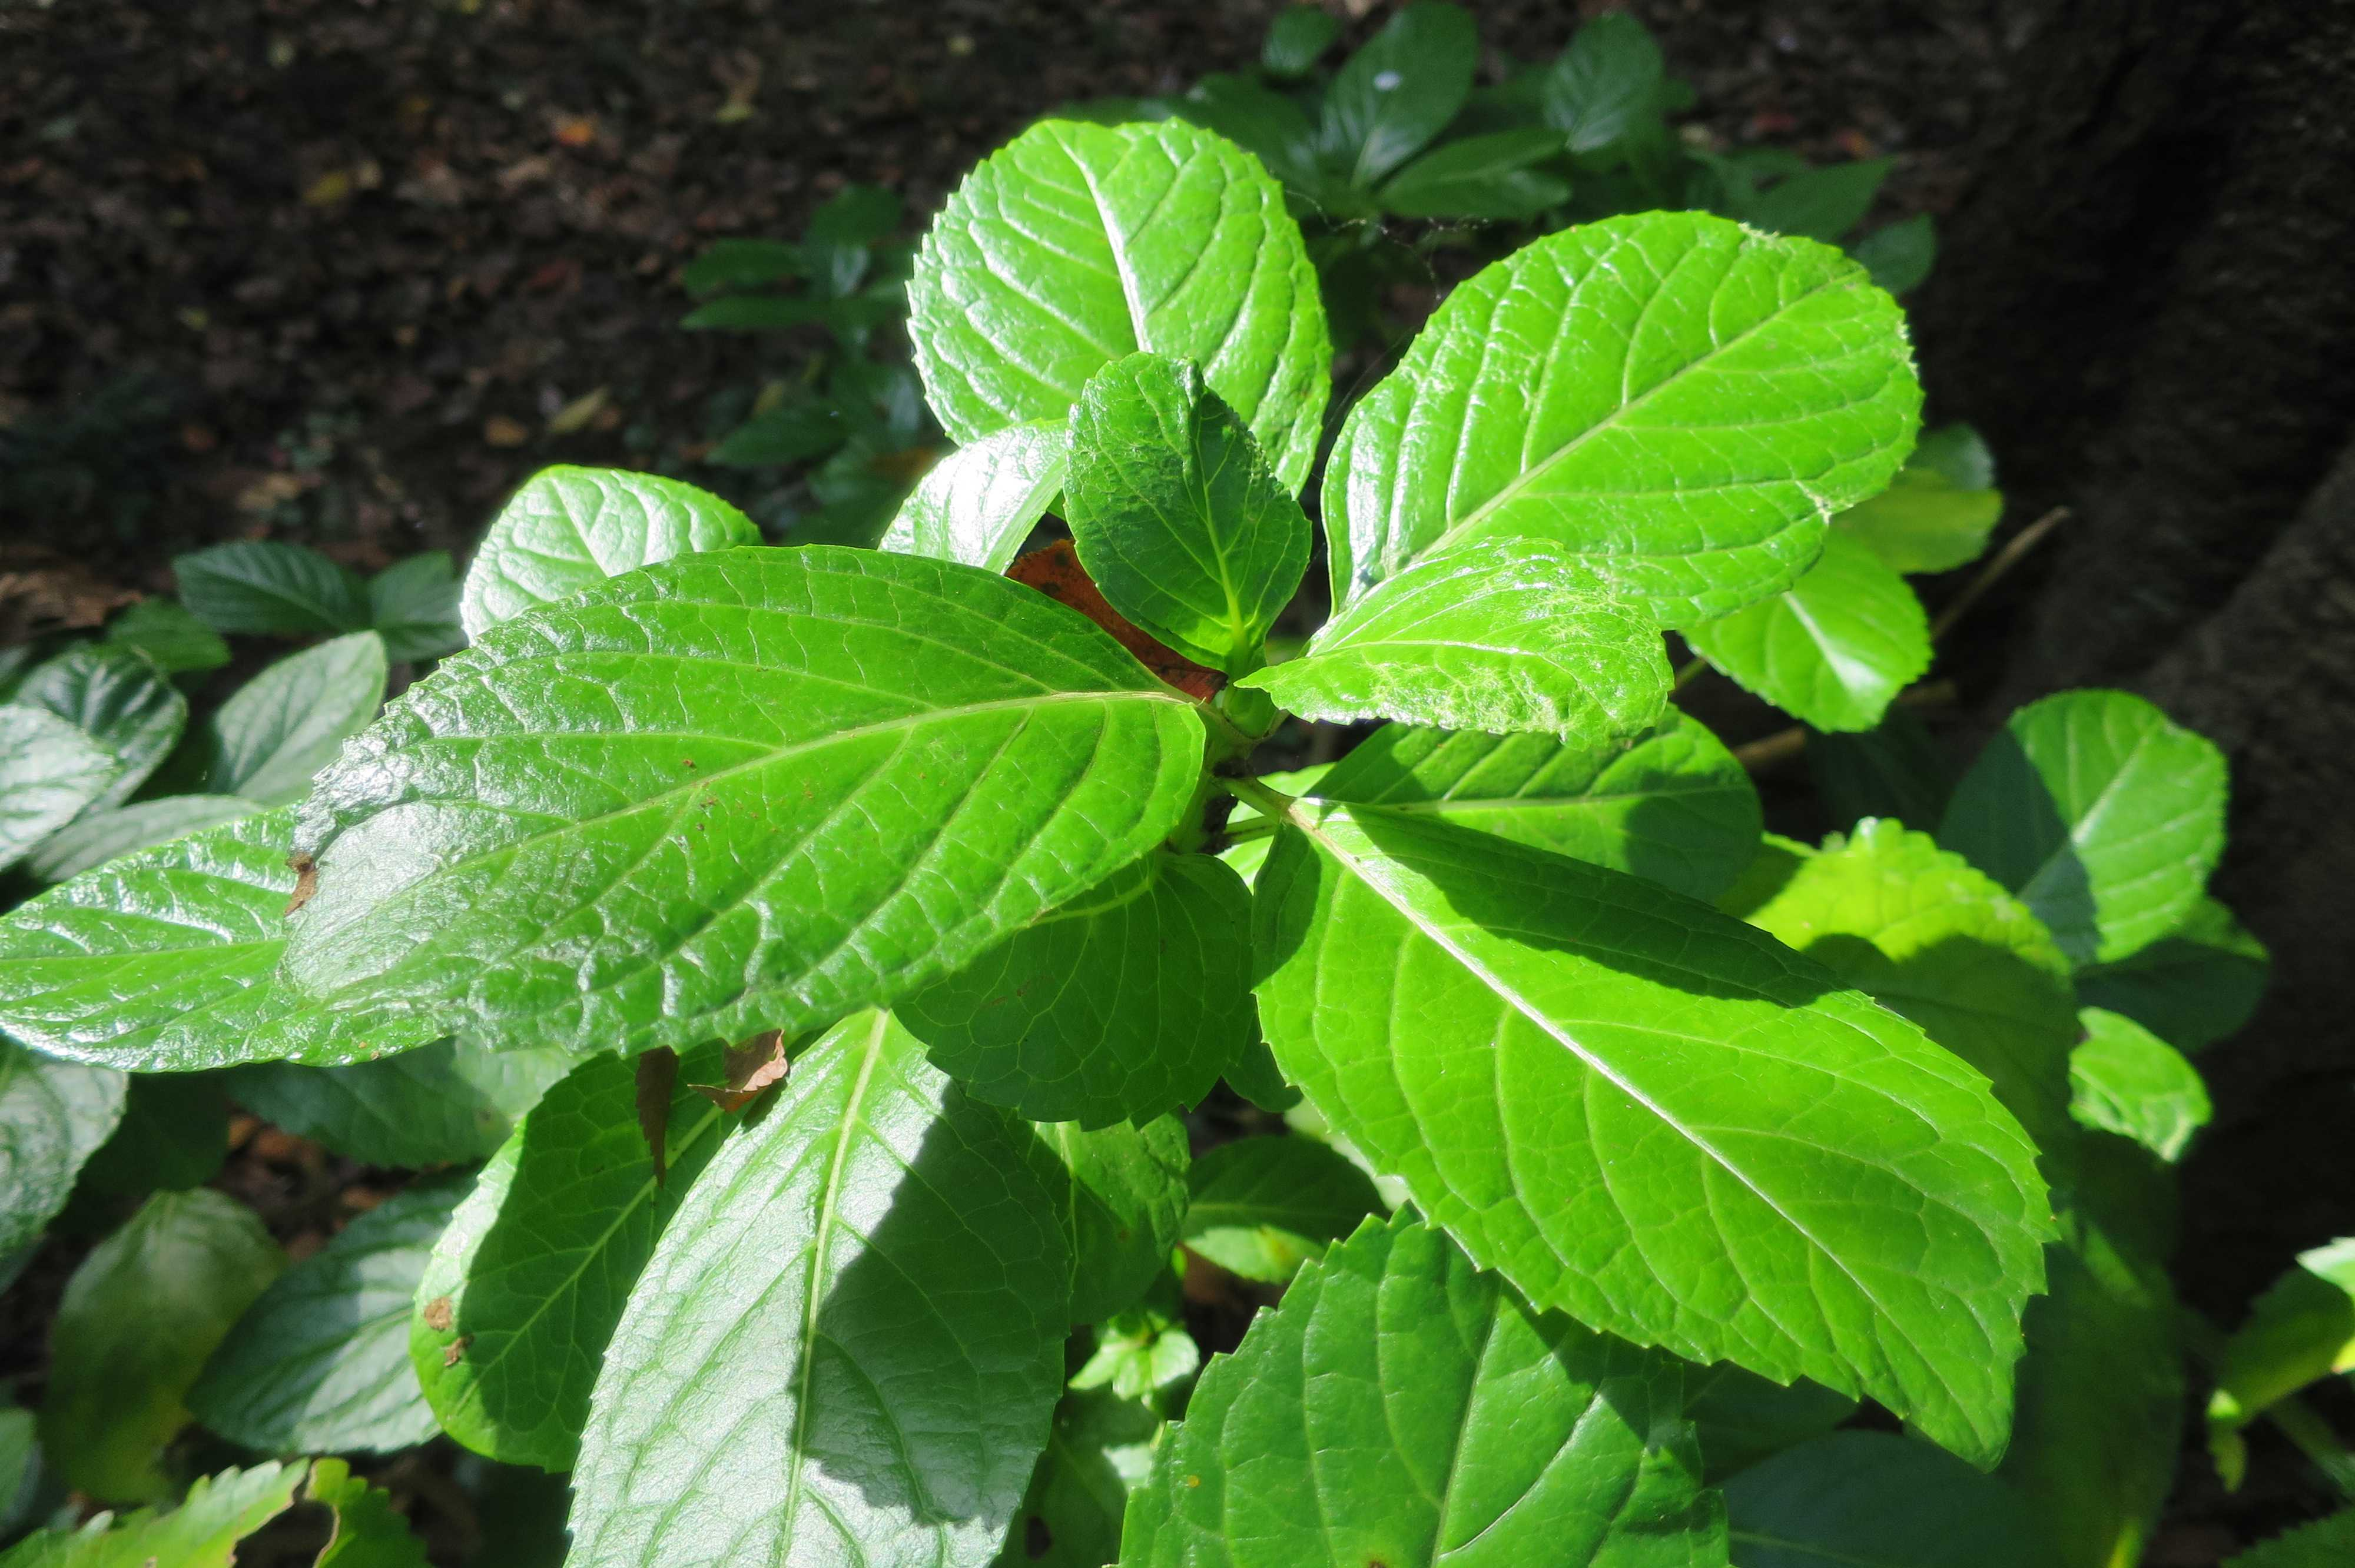 無量光寺 - 鮮烈な緑色の葉っぱ